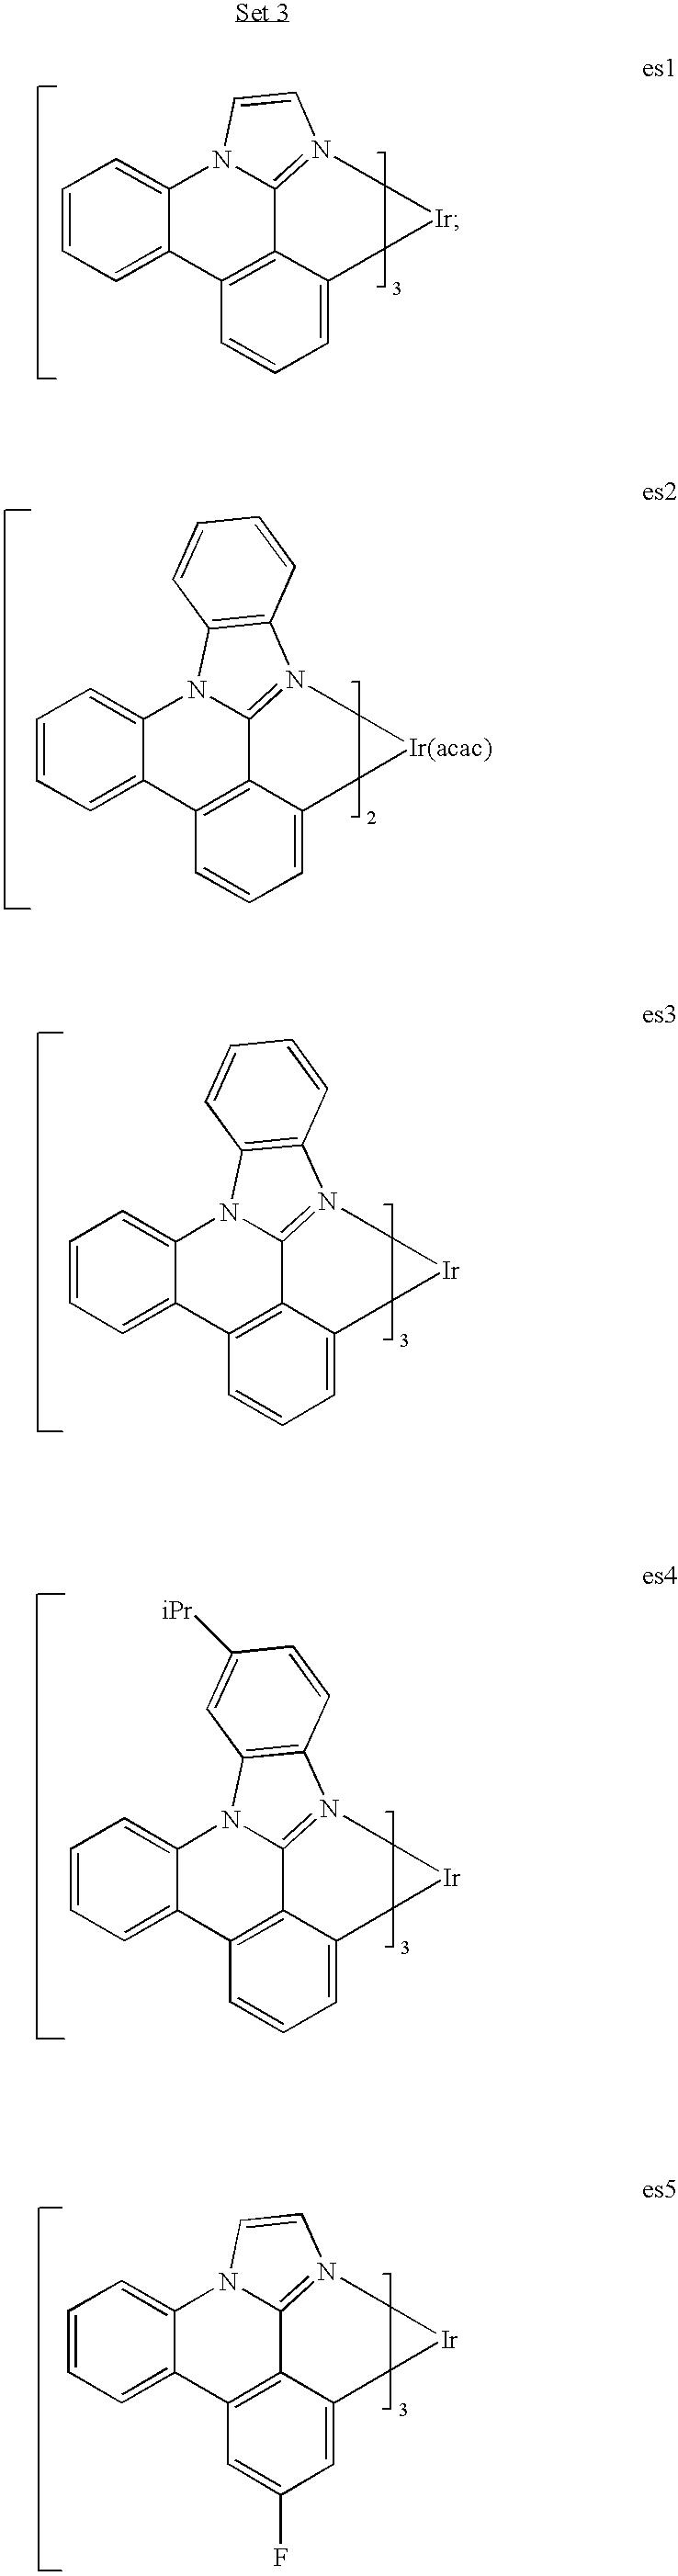 Figure US08142909-20120327-C00019